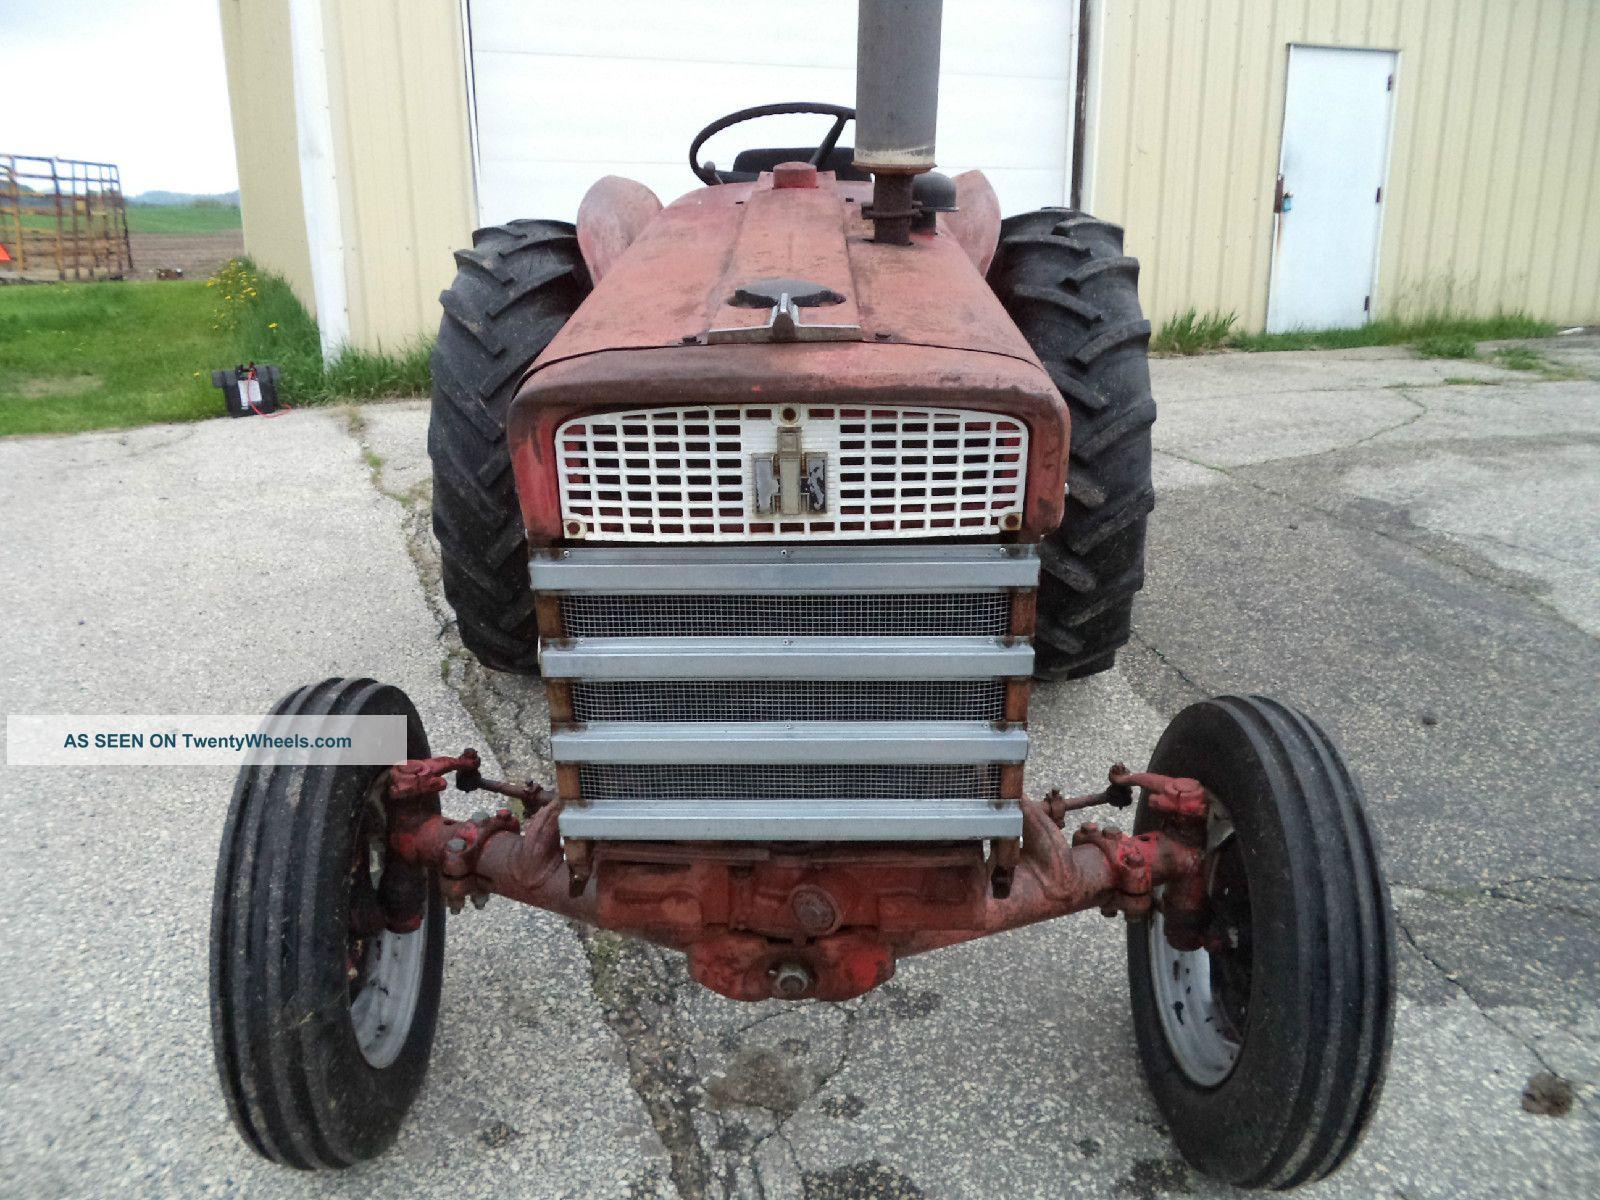 International 240 Utility Tractor : Ih farmall utility tractor w brush hog